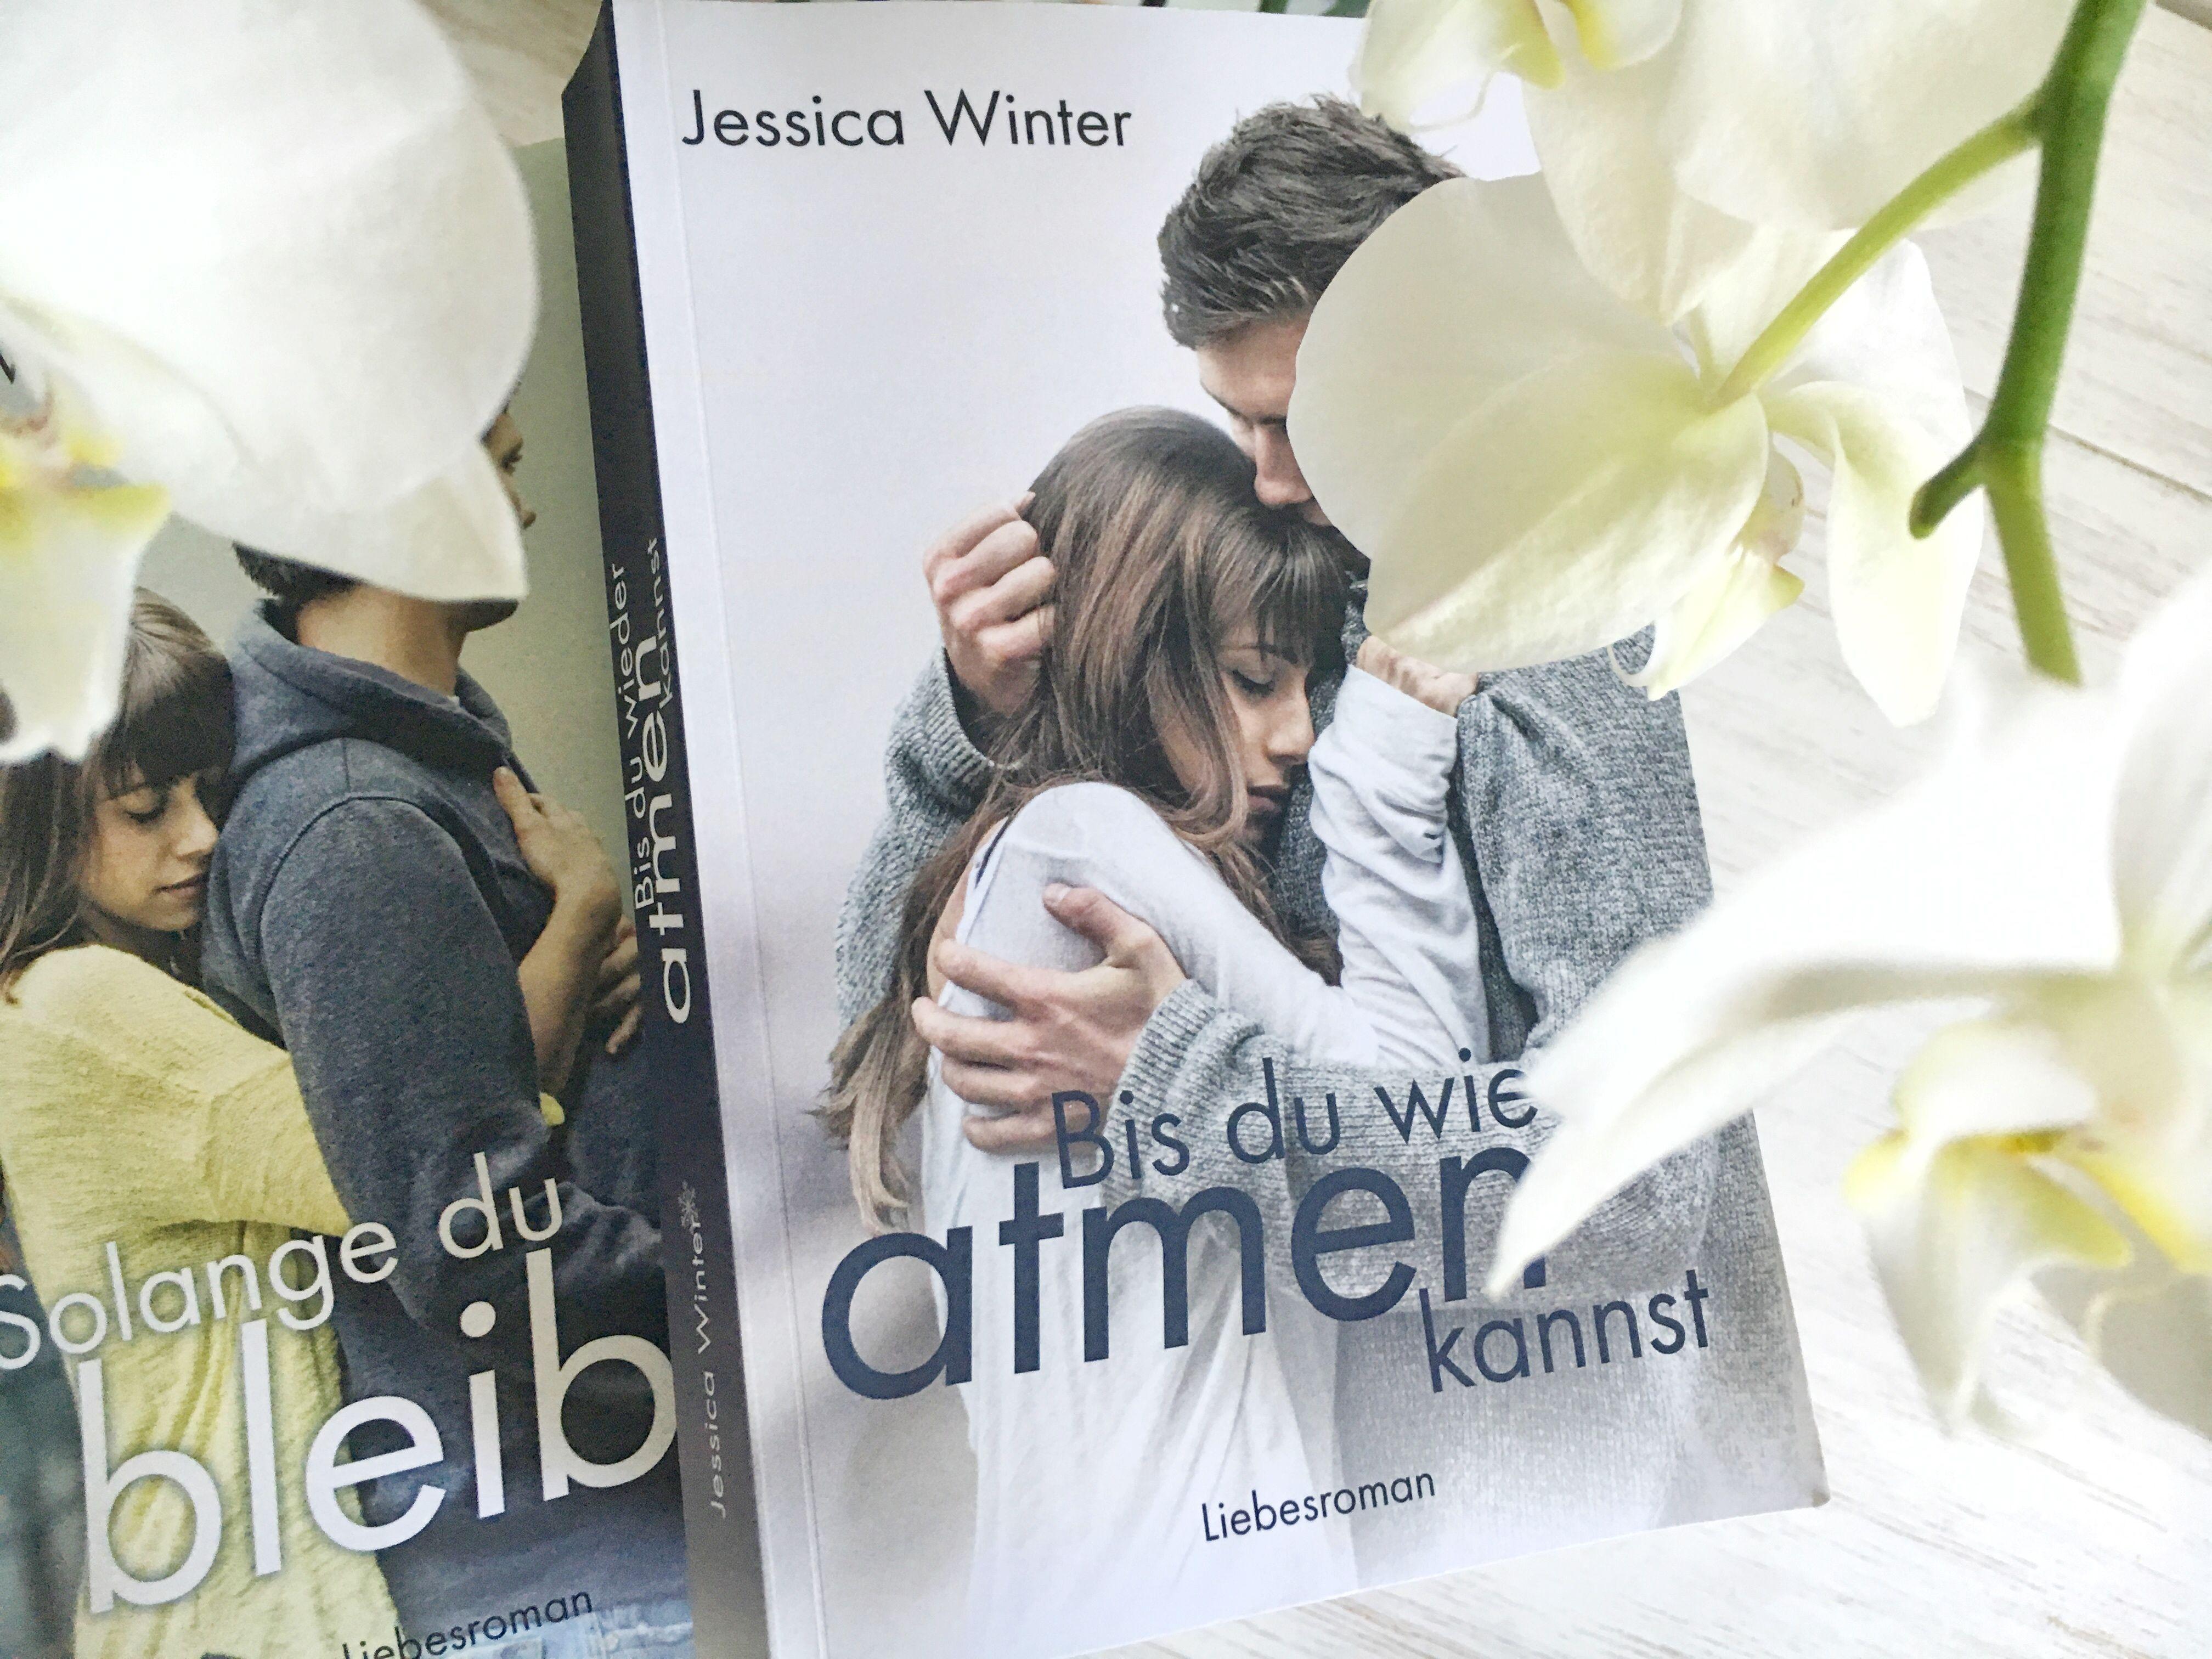 'Bis du wieder atmen kannst' und 'Solange du bleibst' von Jessica Winter